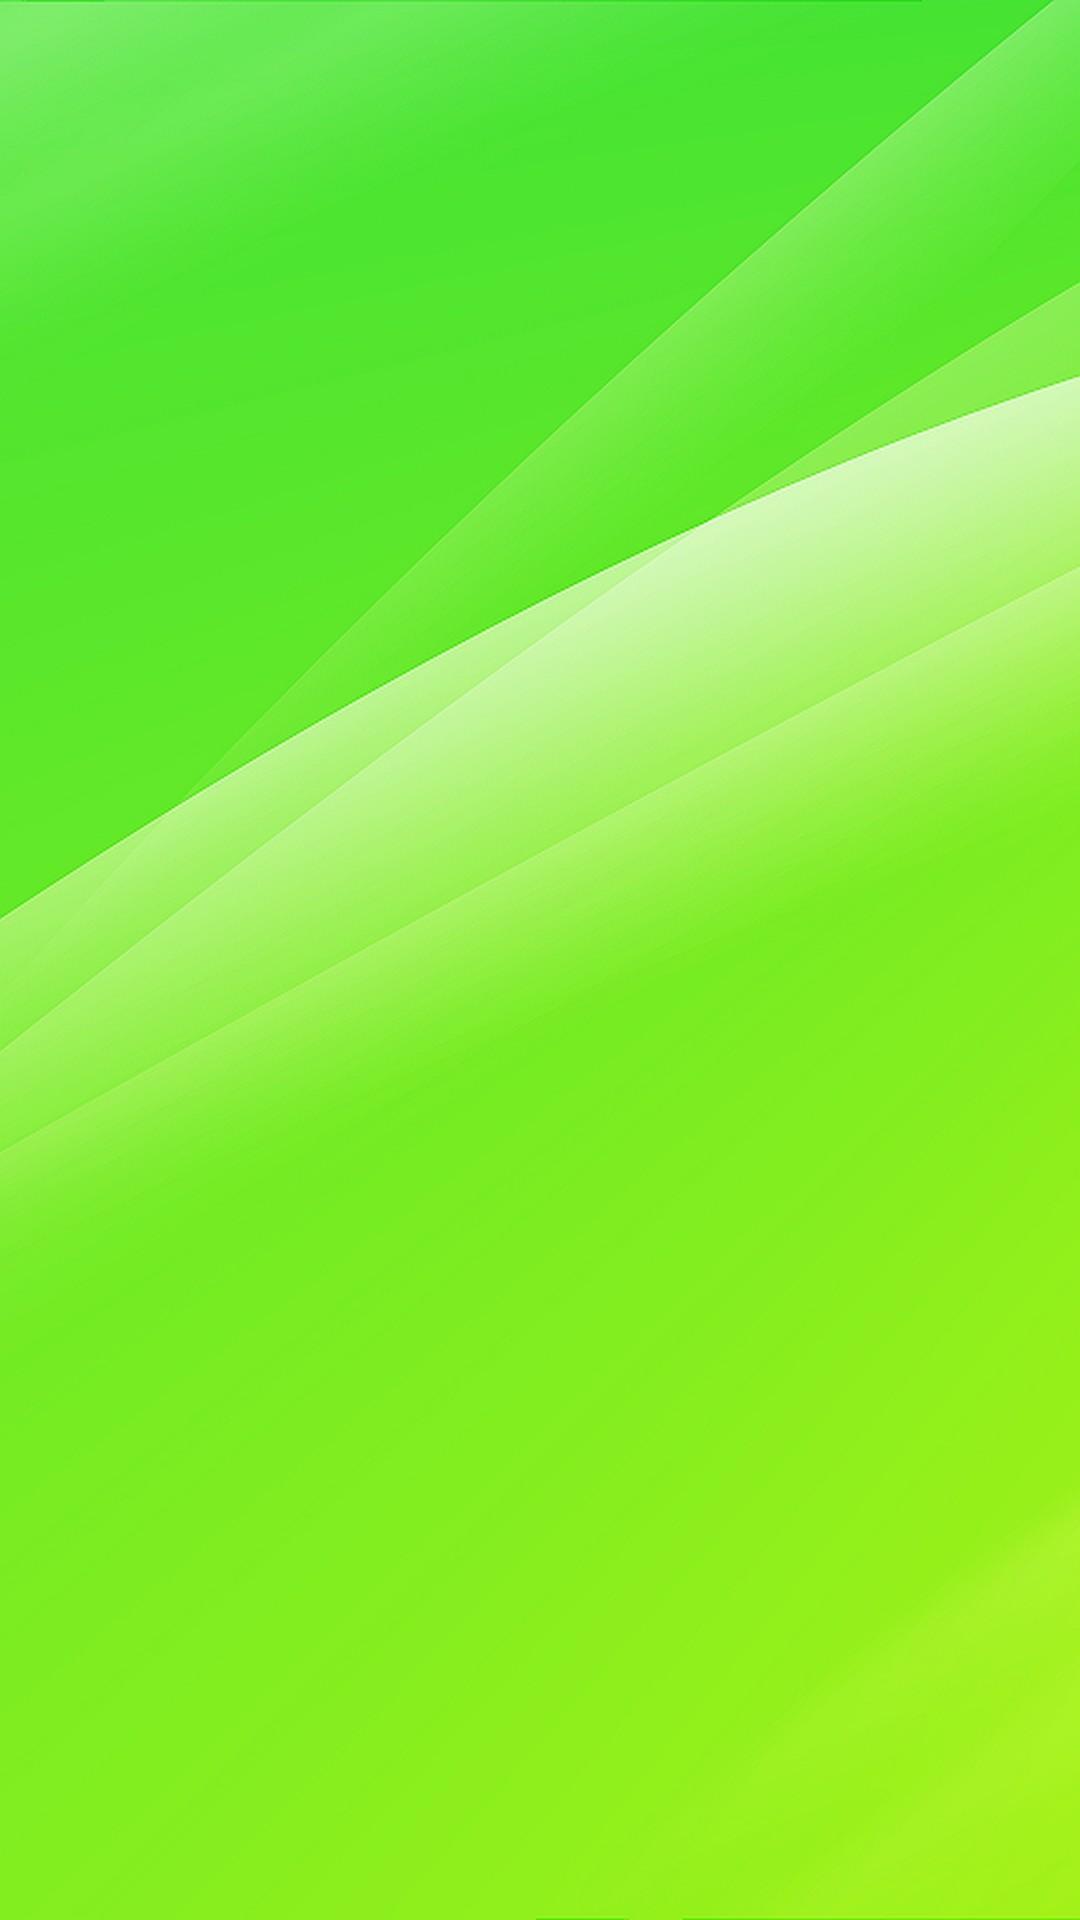 Light Green Wallpaper Iphone 2020 3d Iphone Wallpaper